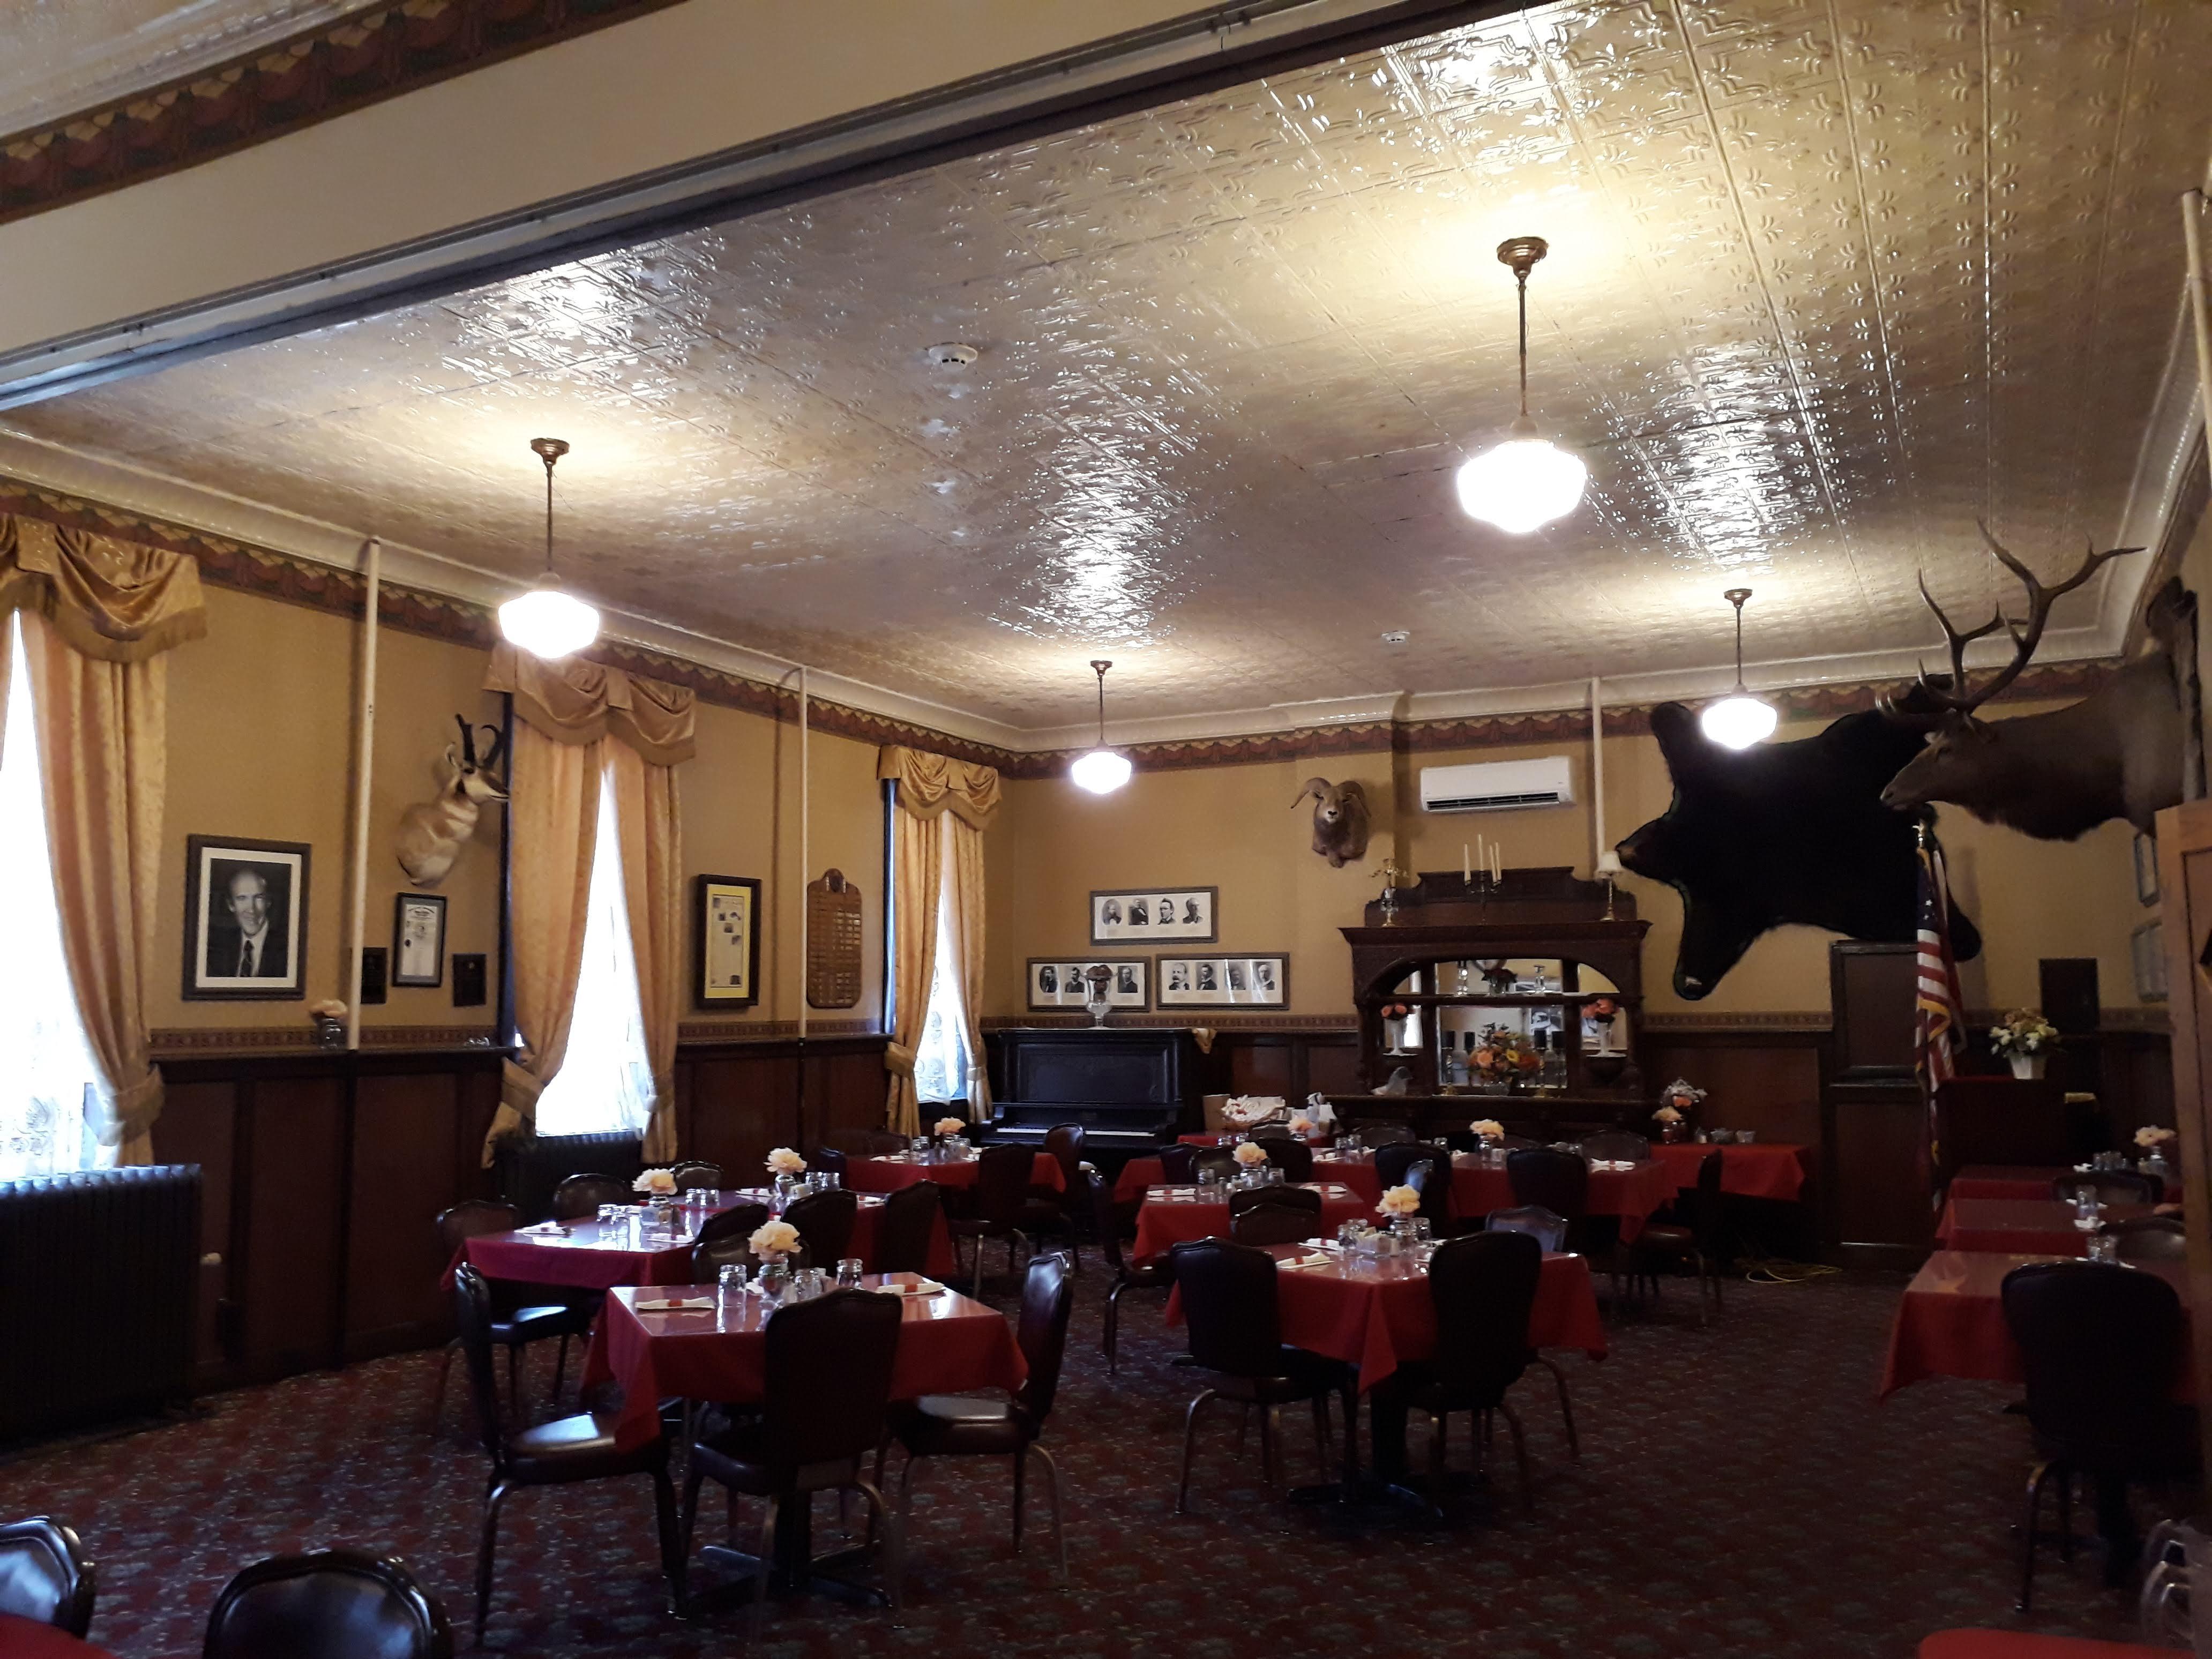 Cody - Wyoming - The Irma Hotel Interior